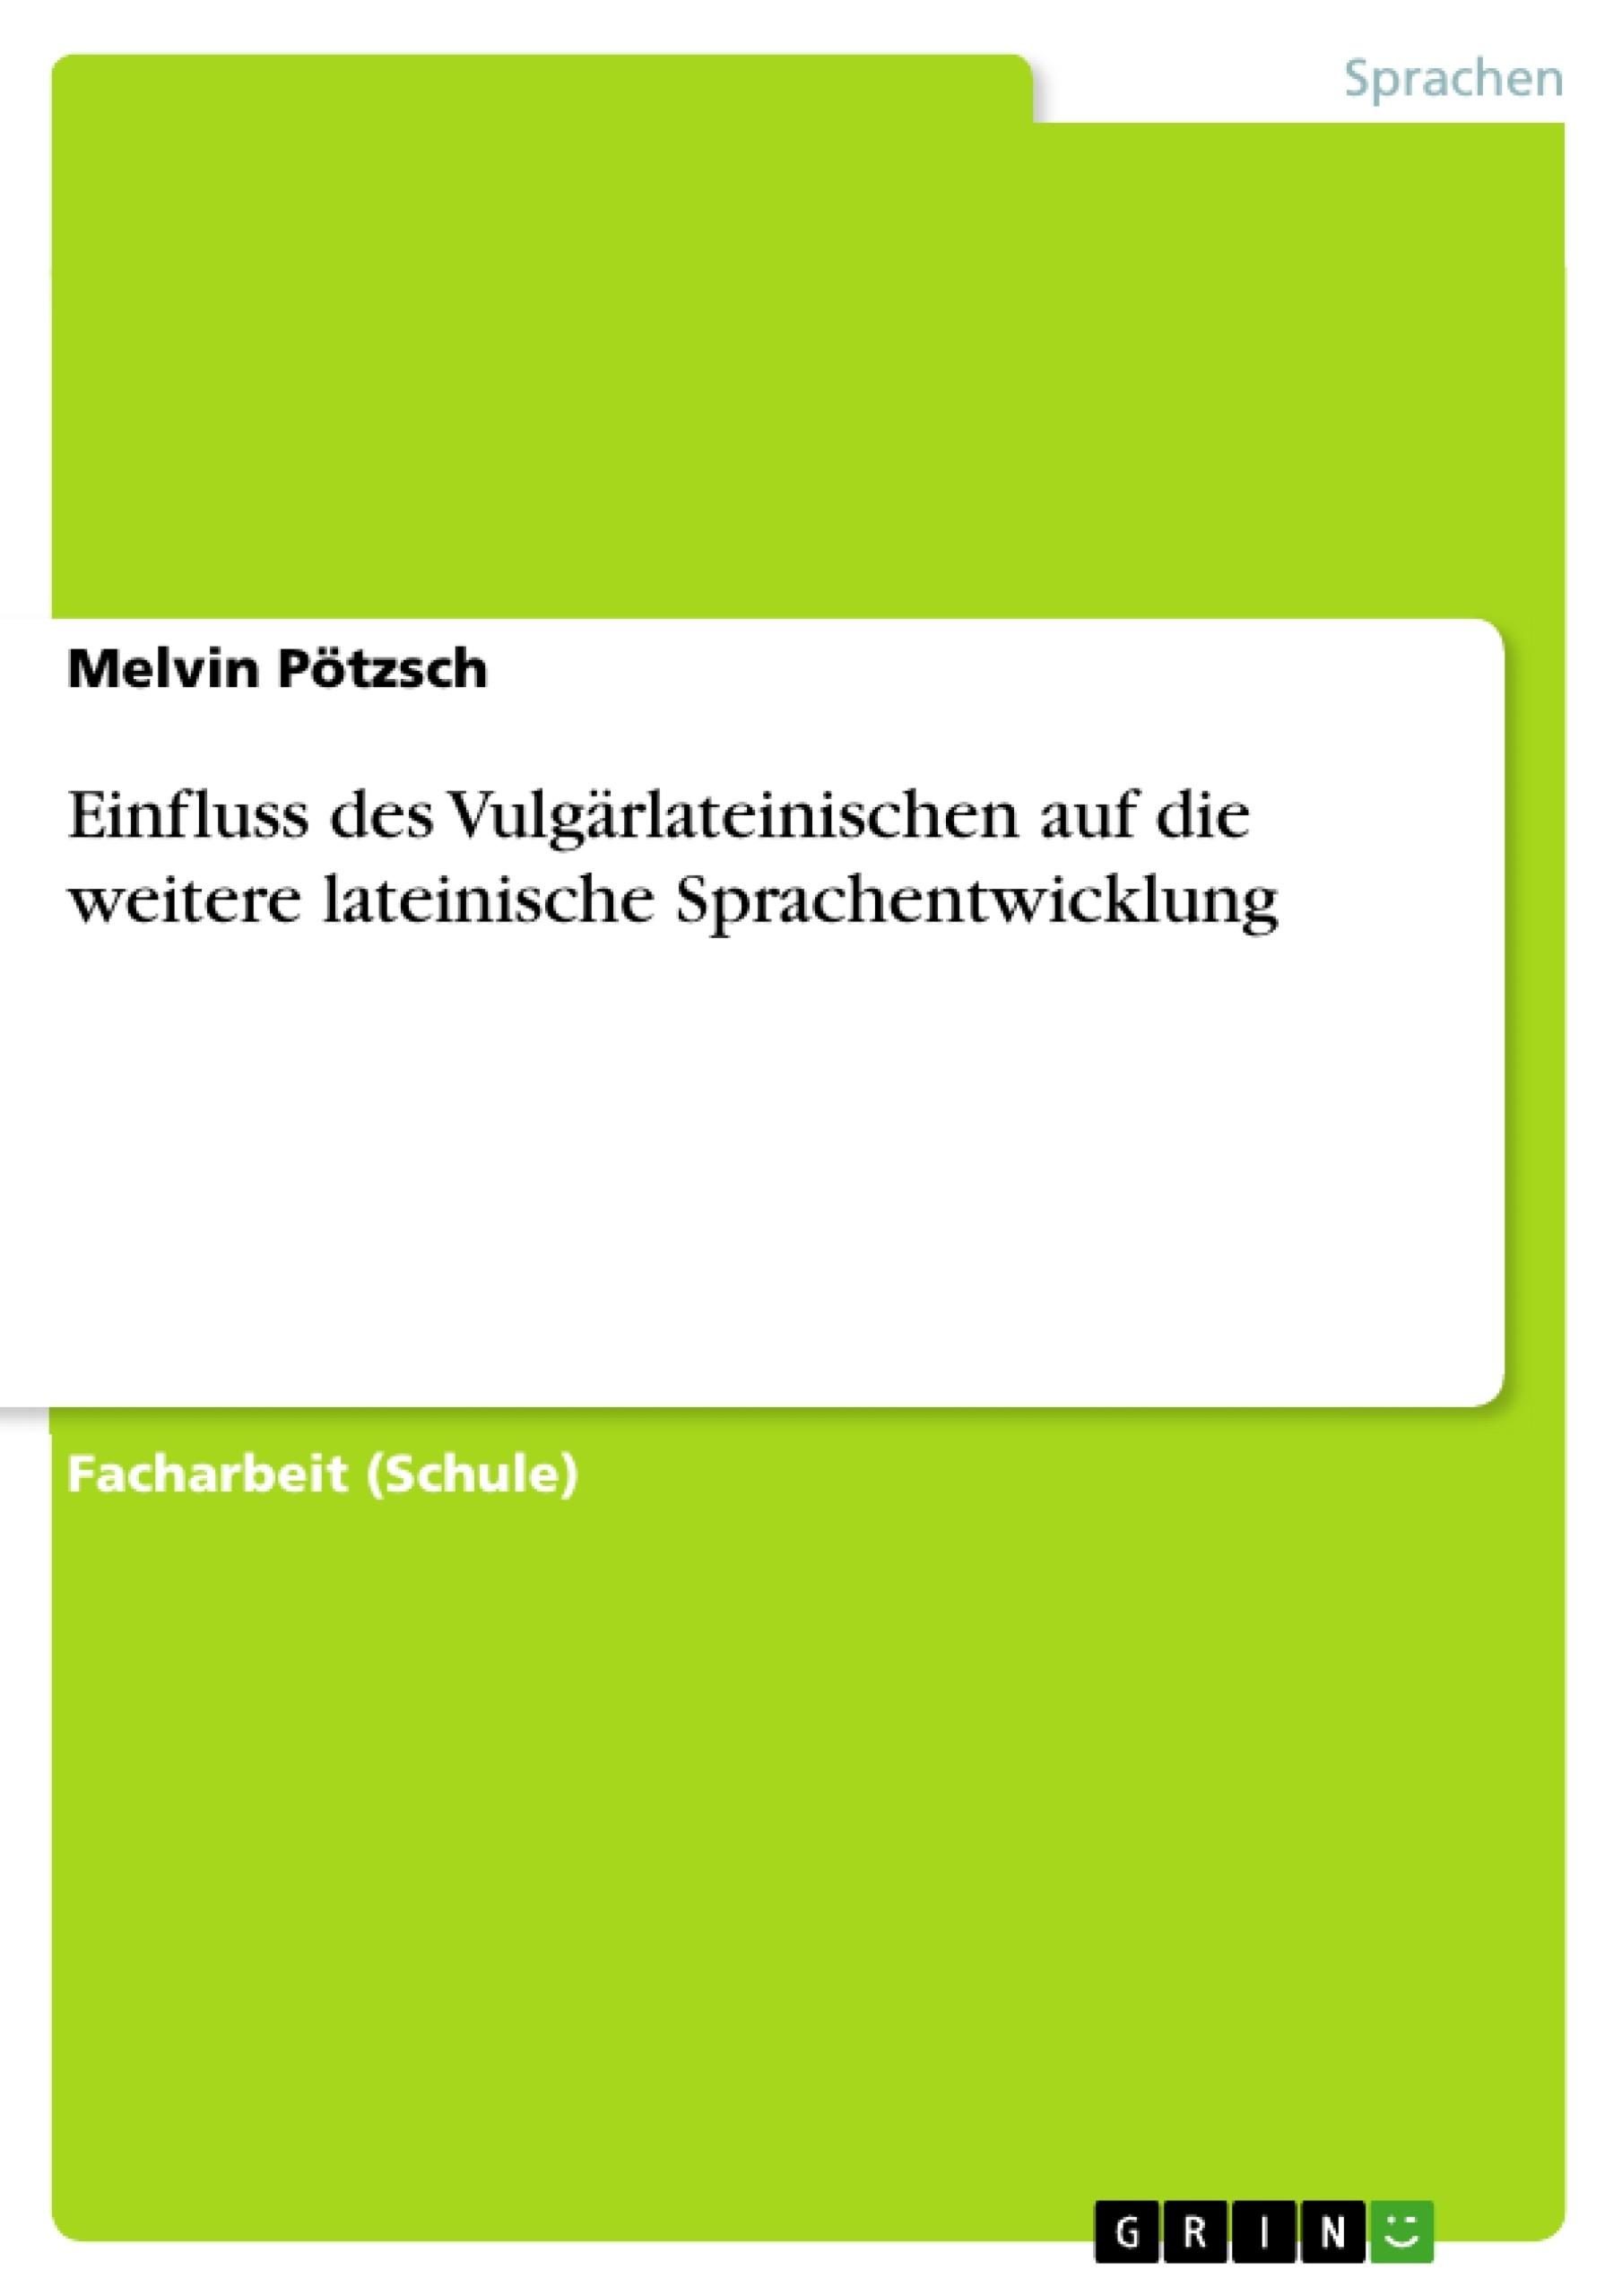 Titel: Einfluss des Vulgärlateinischen auf die weitere lateinische Sprachentwicklung